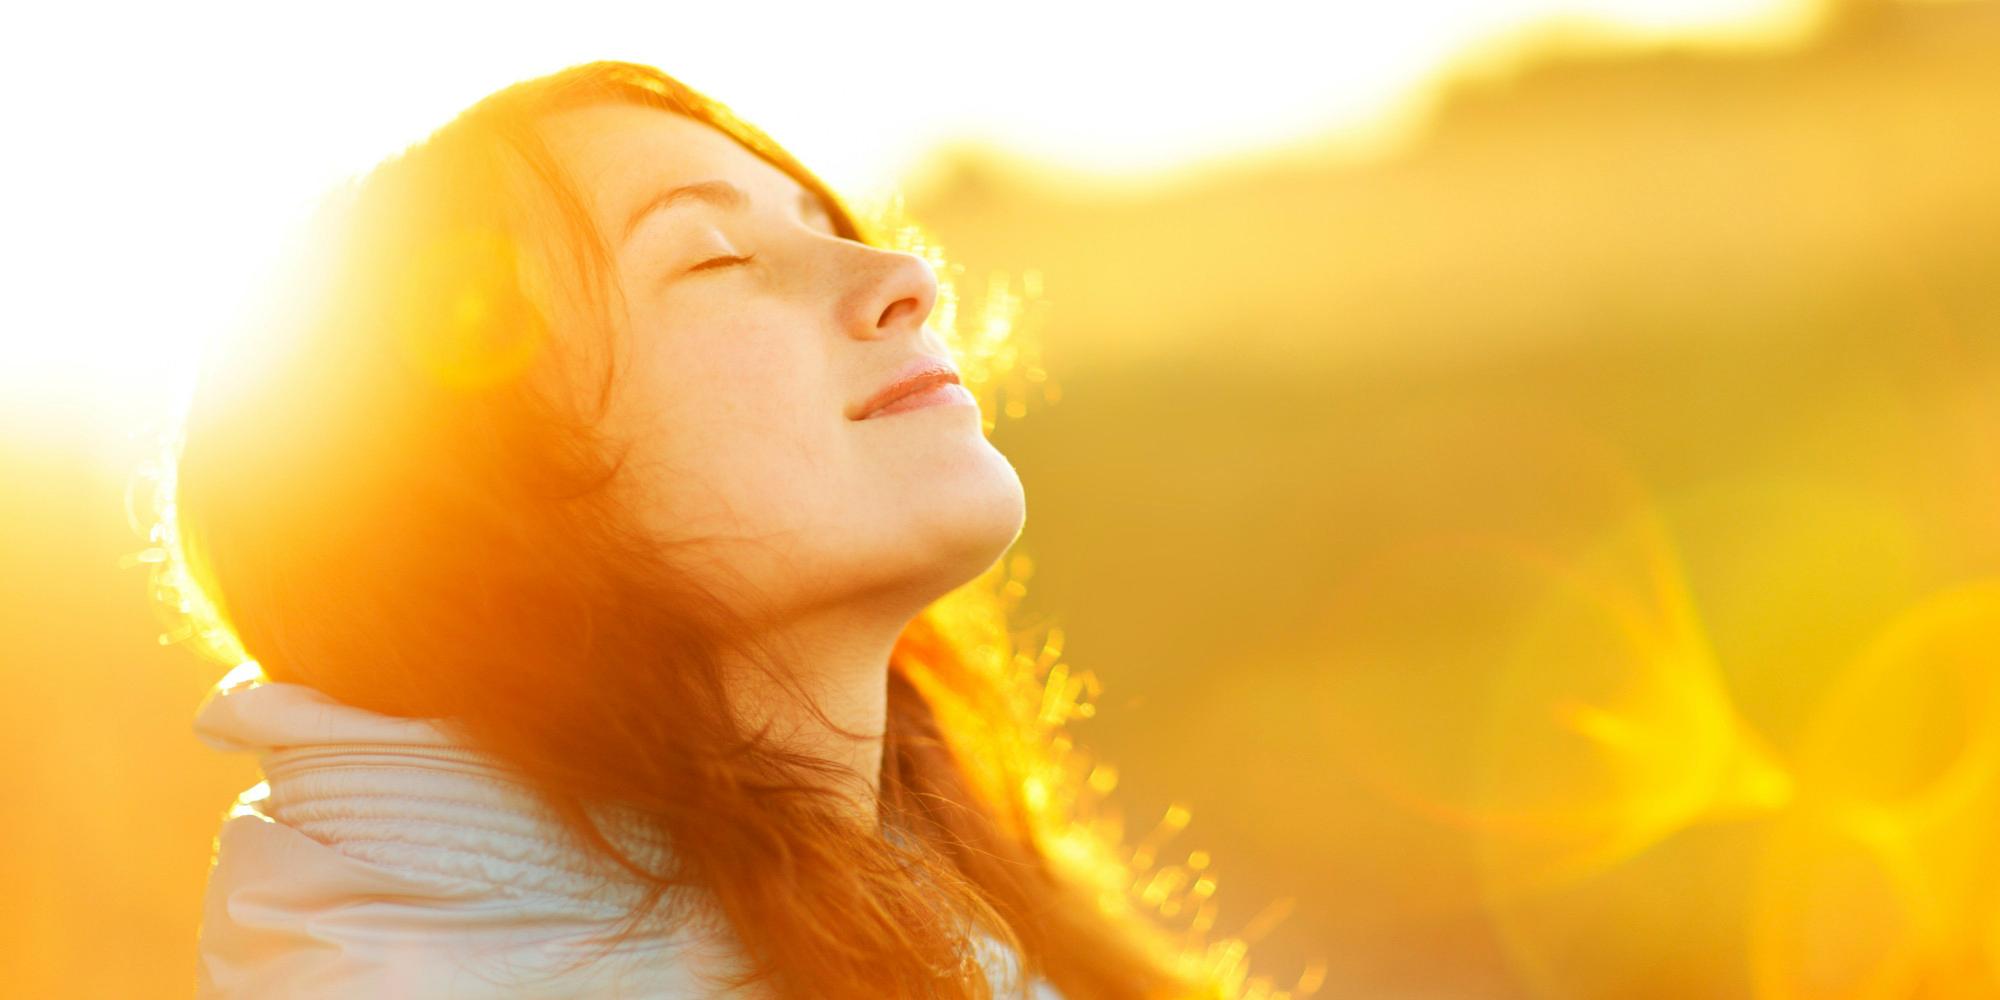 сделать хороший фото сделанные при солнечном свете для